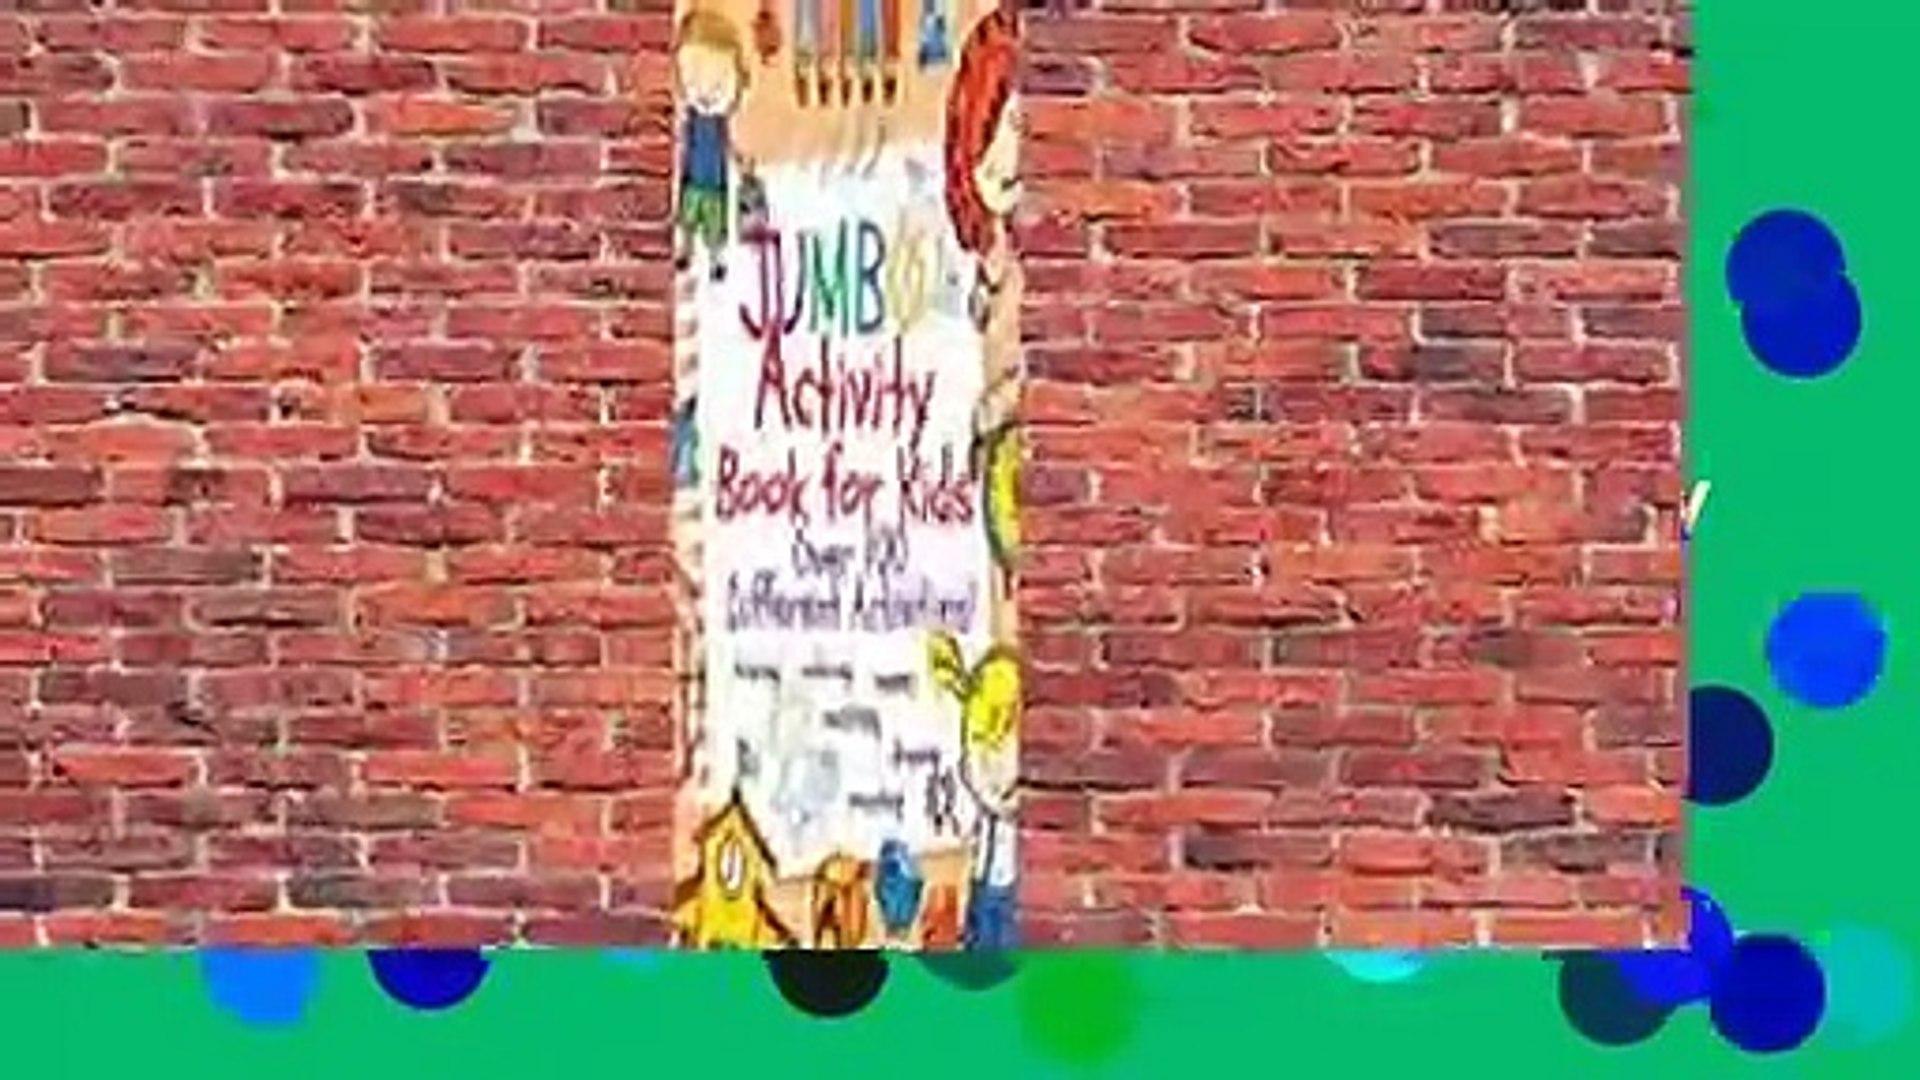 [Read] Jumbo Activity Book for Kids: Jumbo Coloring Book and Activity Book in One: Giant Coloring